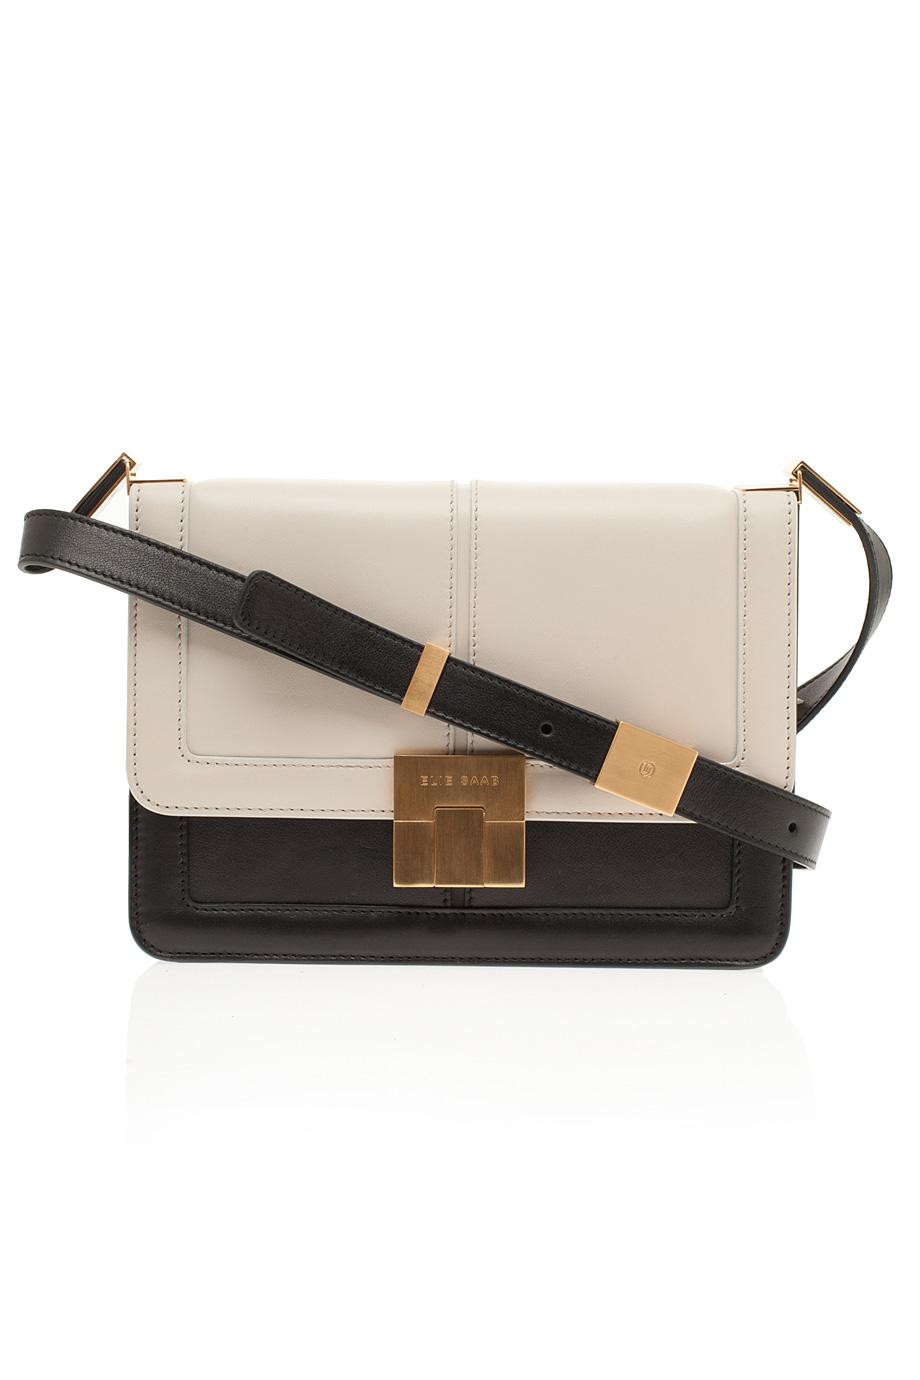 42faa16de0 Lyst - Elie Saab Small Bicolor Bag in Brown